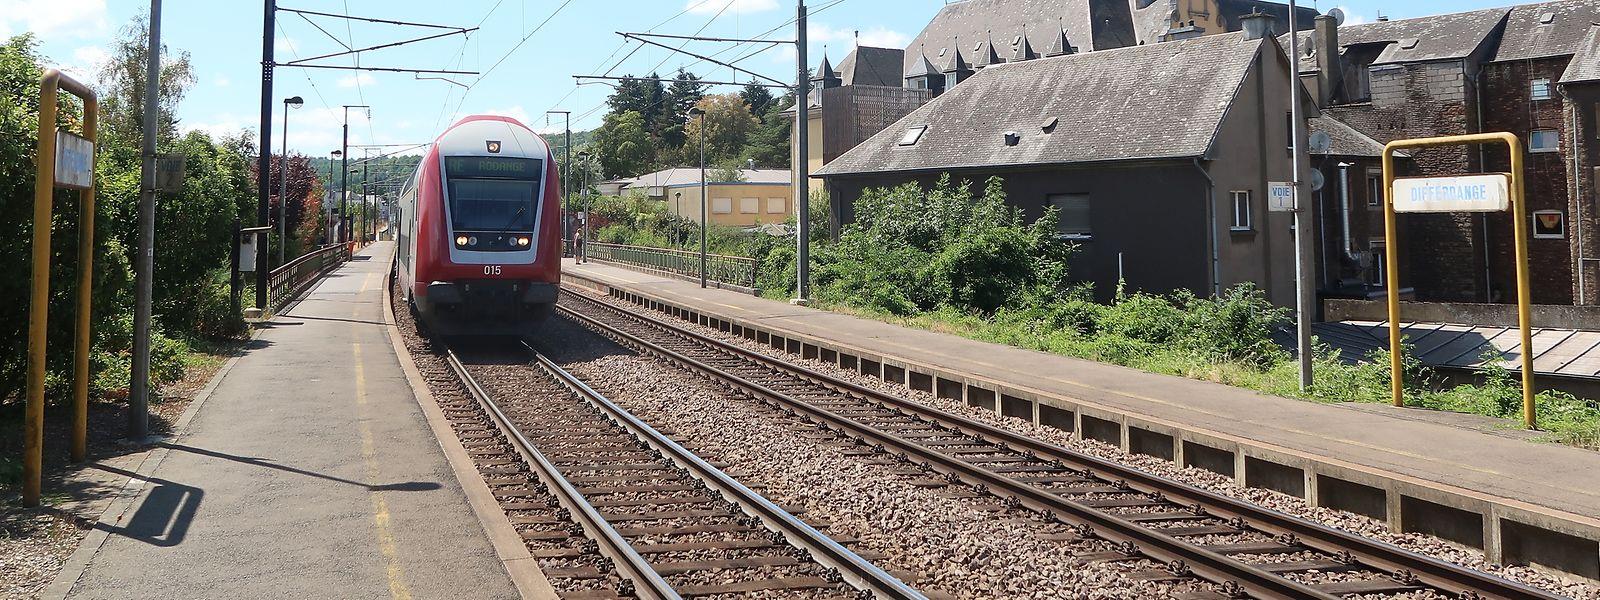 Minister François Bausch reagiert auf Differdinger Vorwürfe an die Adresse der CFL und stellt Besserung am Bahnhof am Stadteingang in Aussicht.